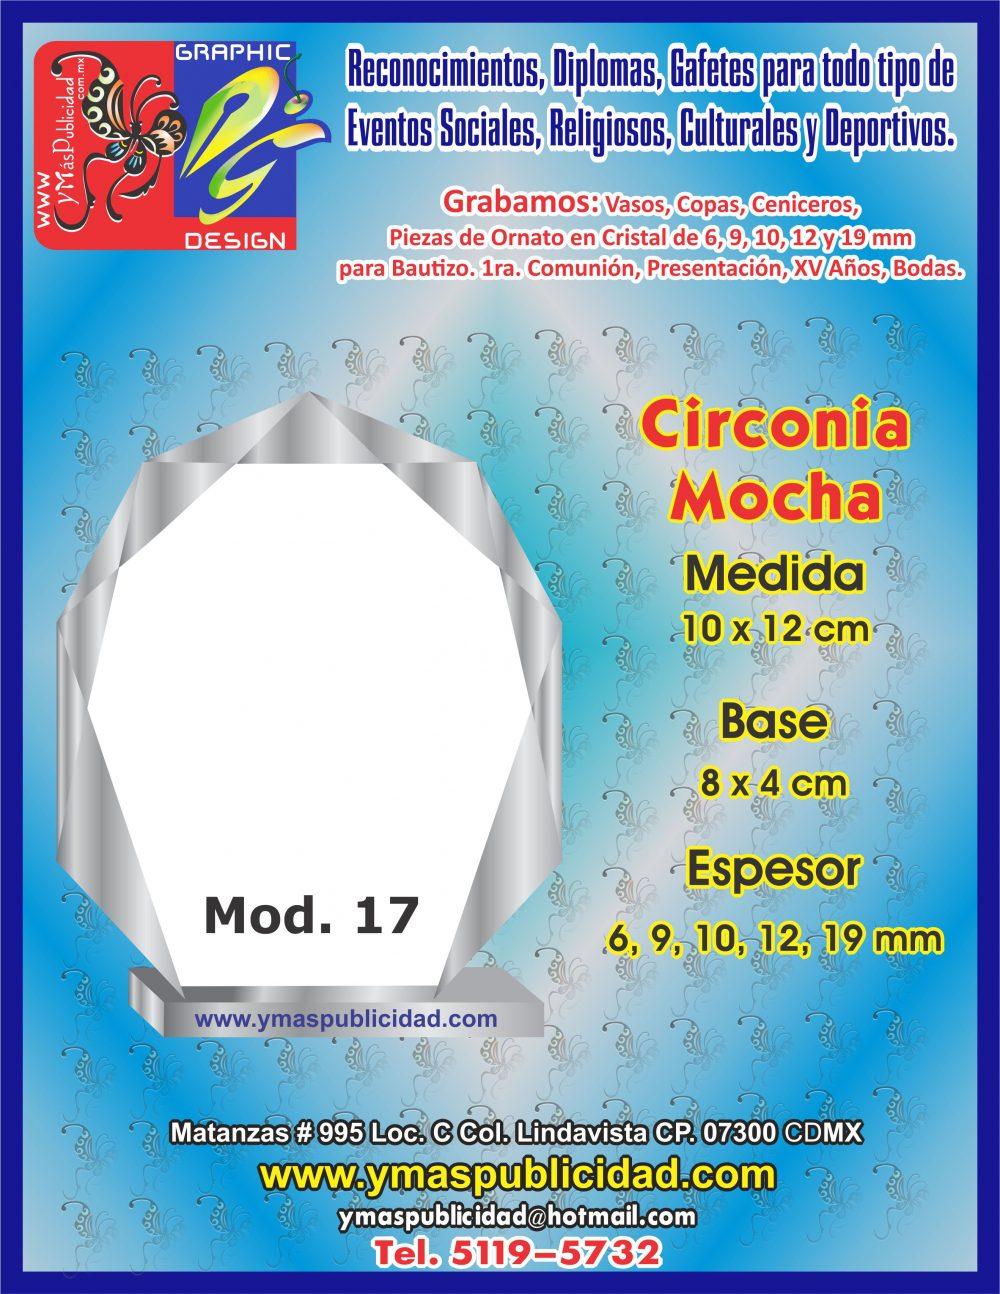 CIRCONIA MOCHA